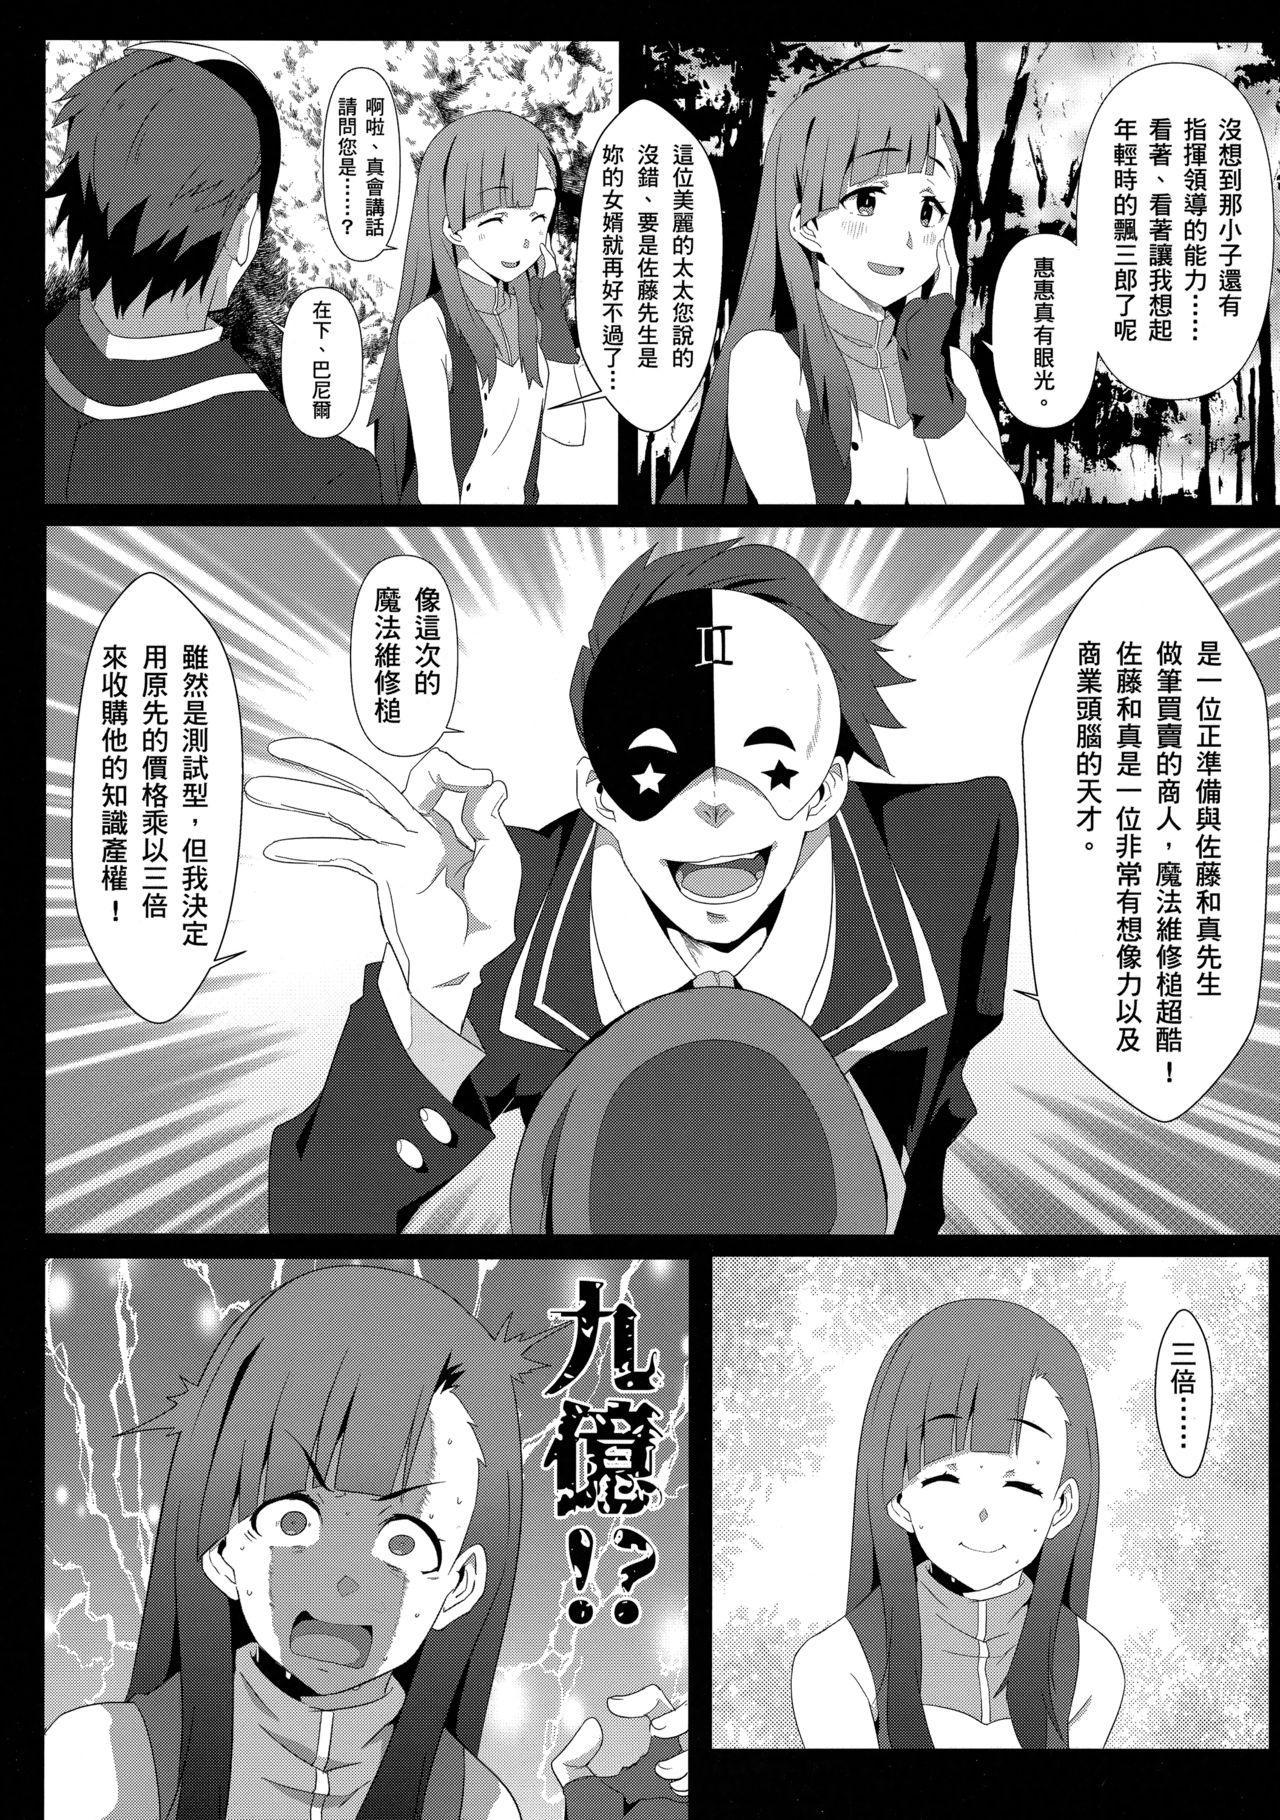 Megumin ni Kareina Shasei o! 6 5